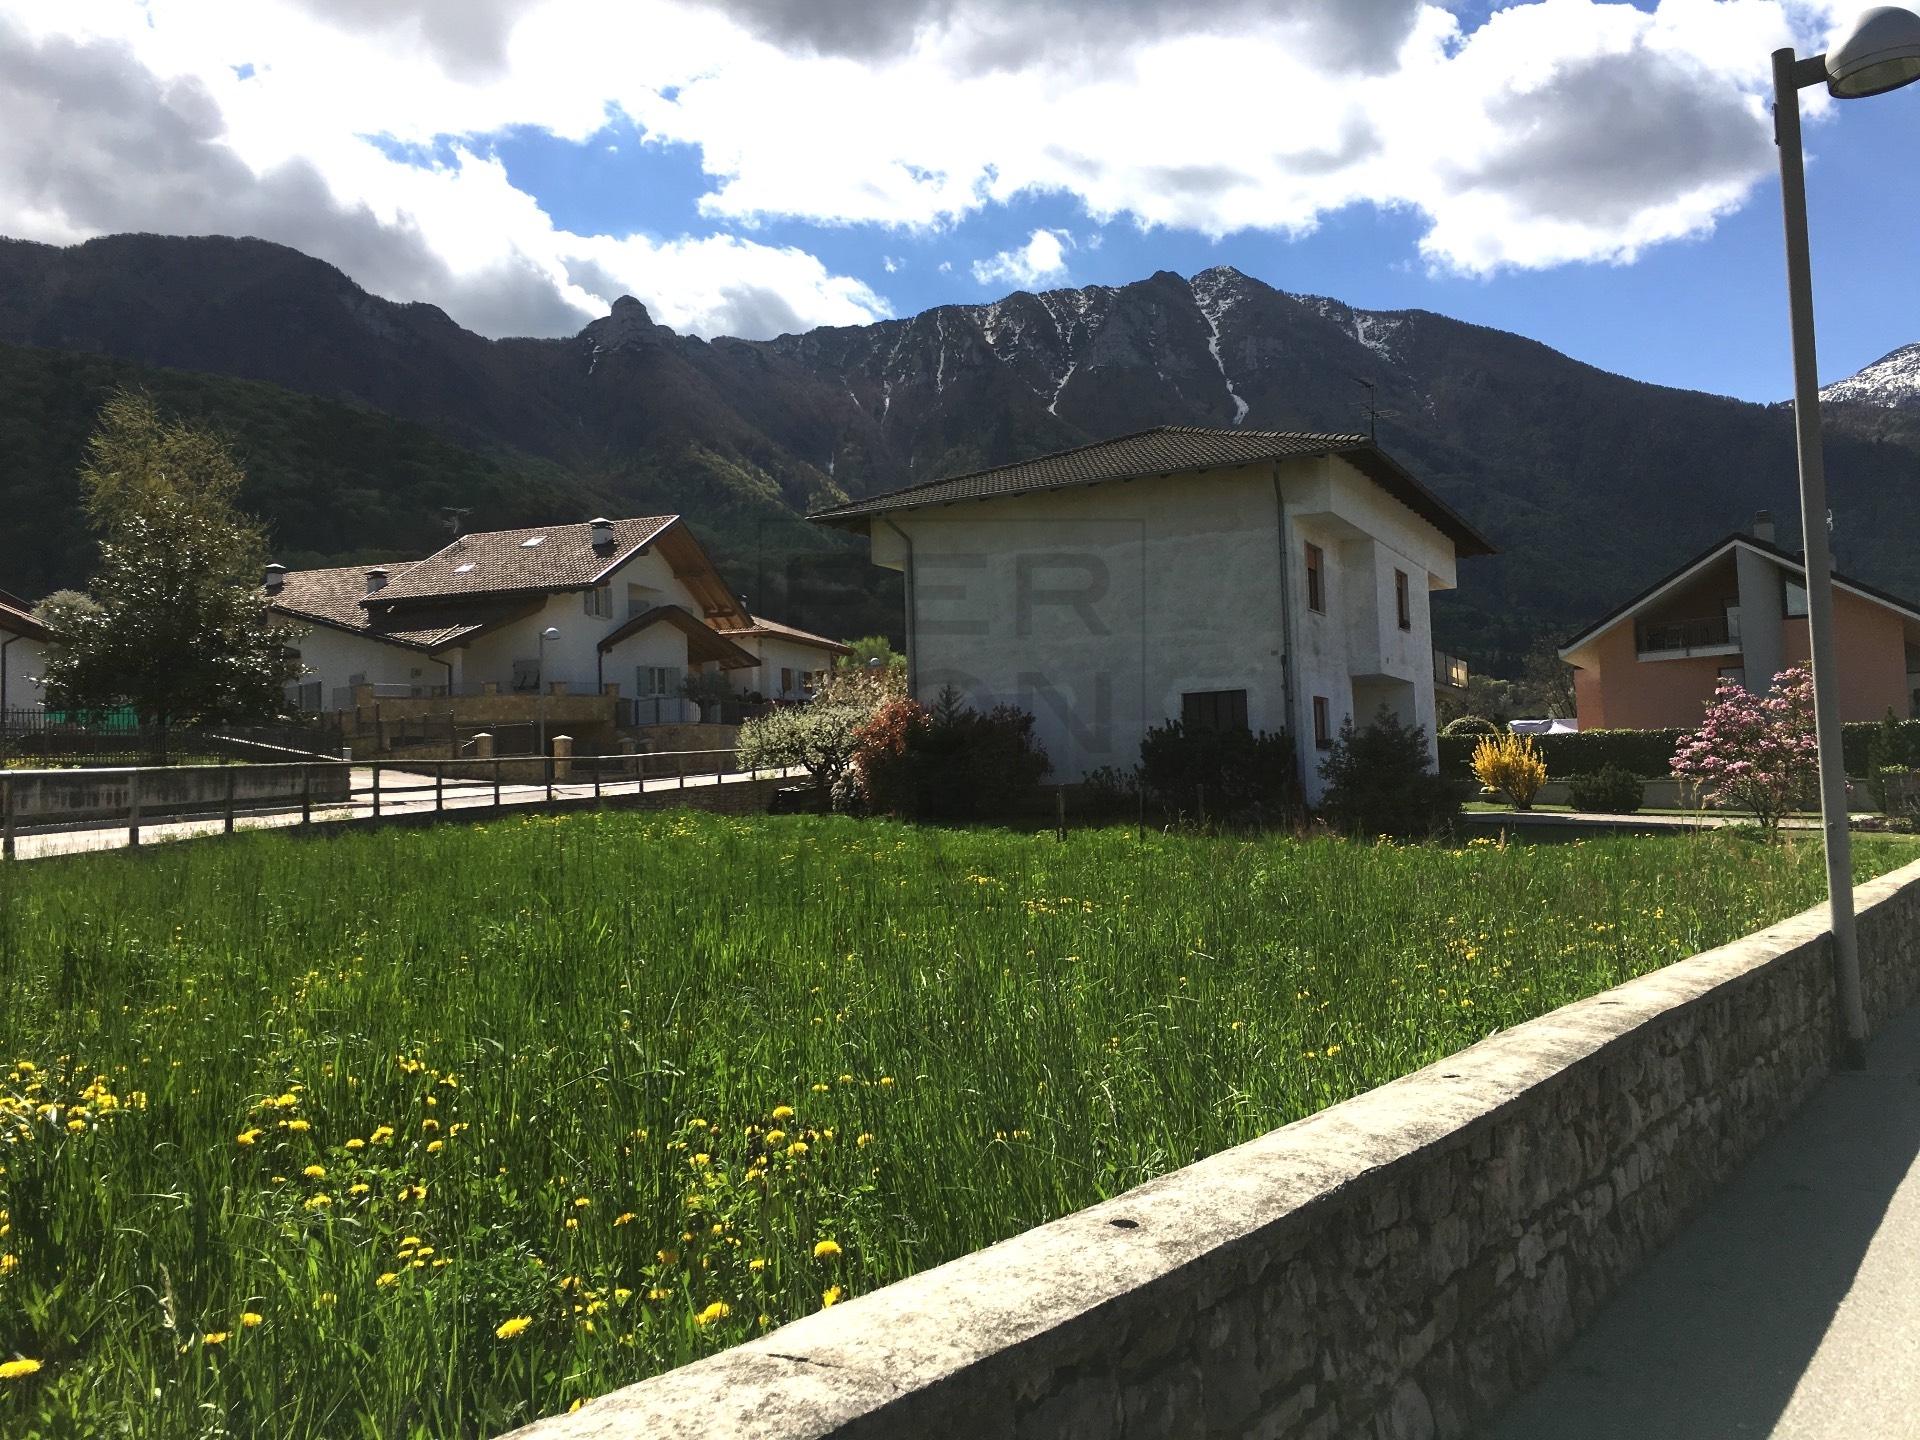 Villa in vendita a Cavedine, 10 locali, zona Località: VigoCavedine, prezzo € 385.000 | Cambio Casa.it